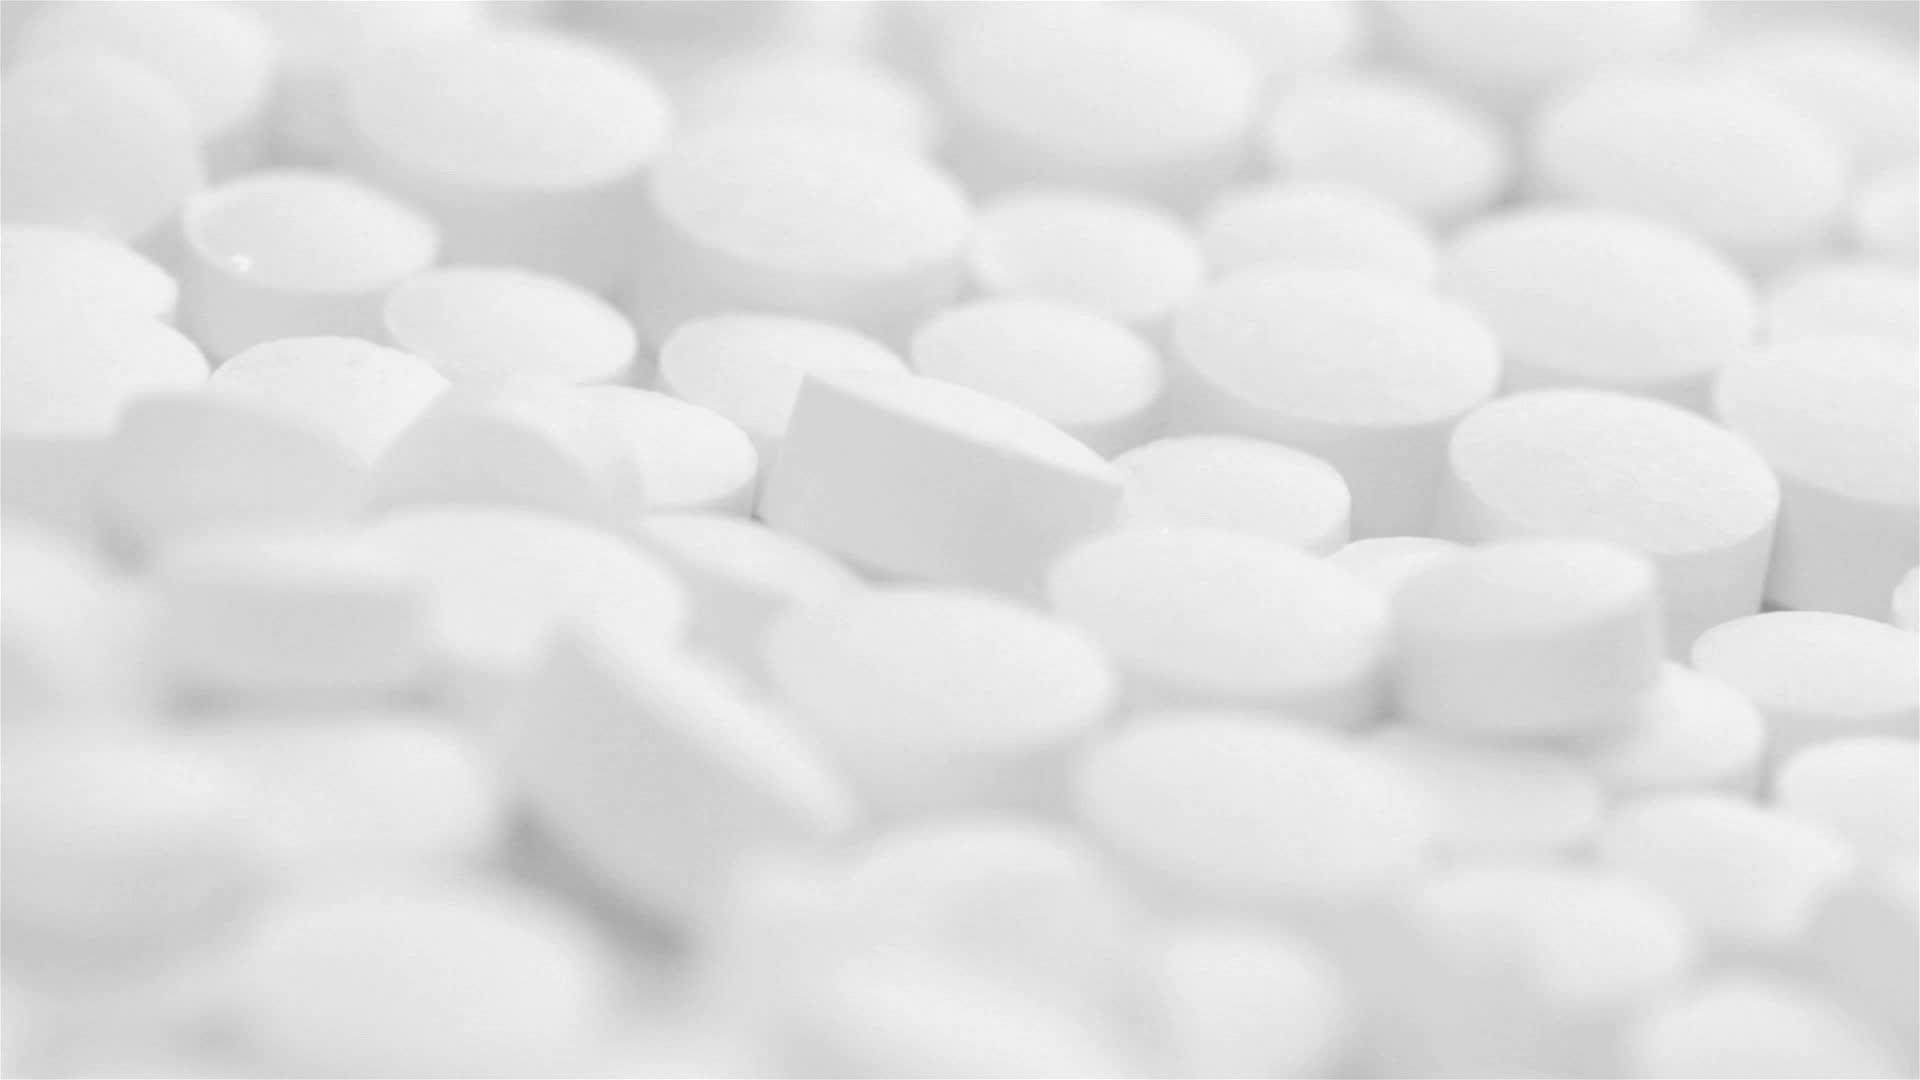 valium valium no drugs clip